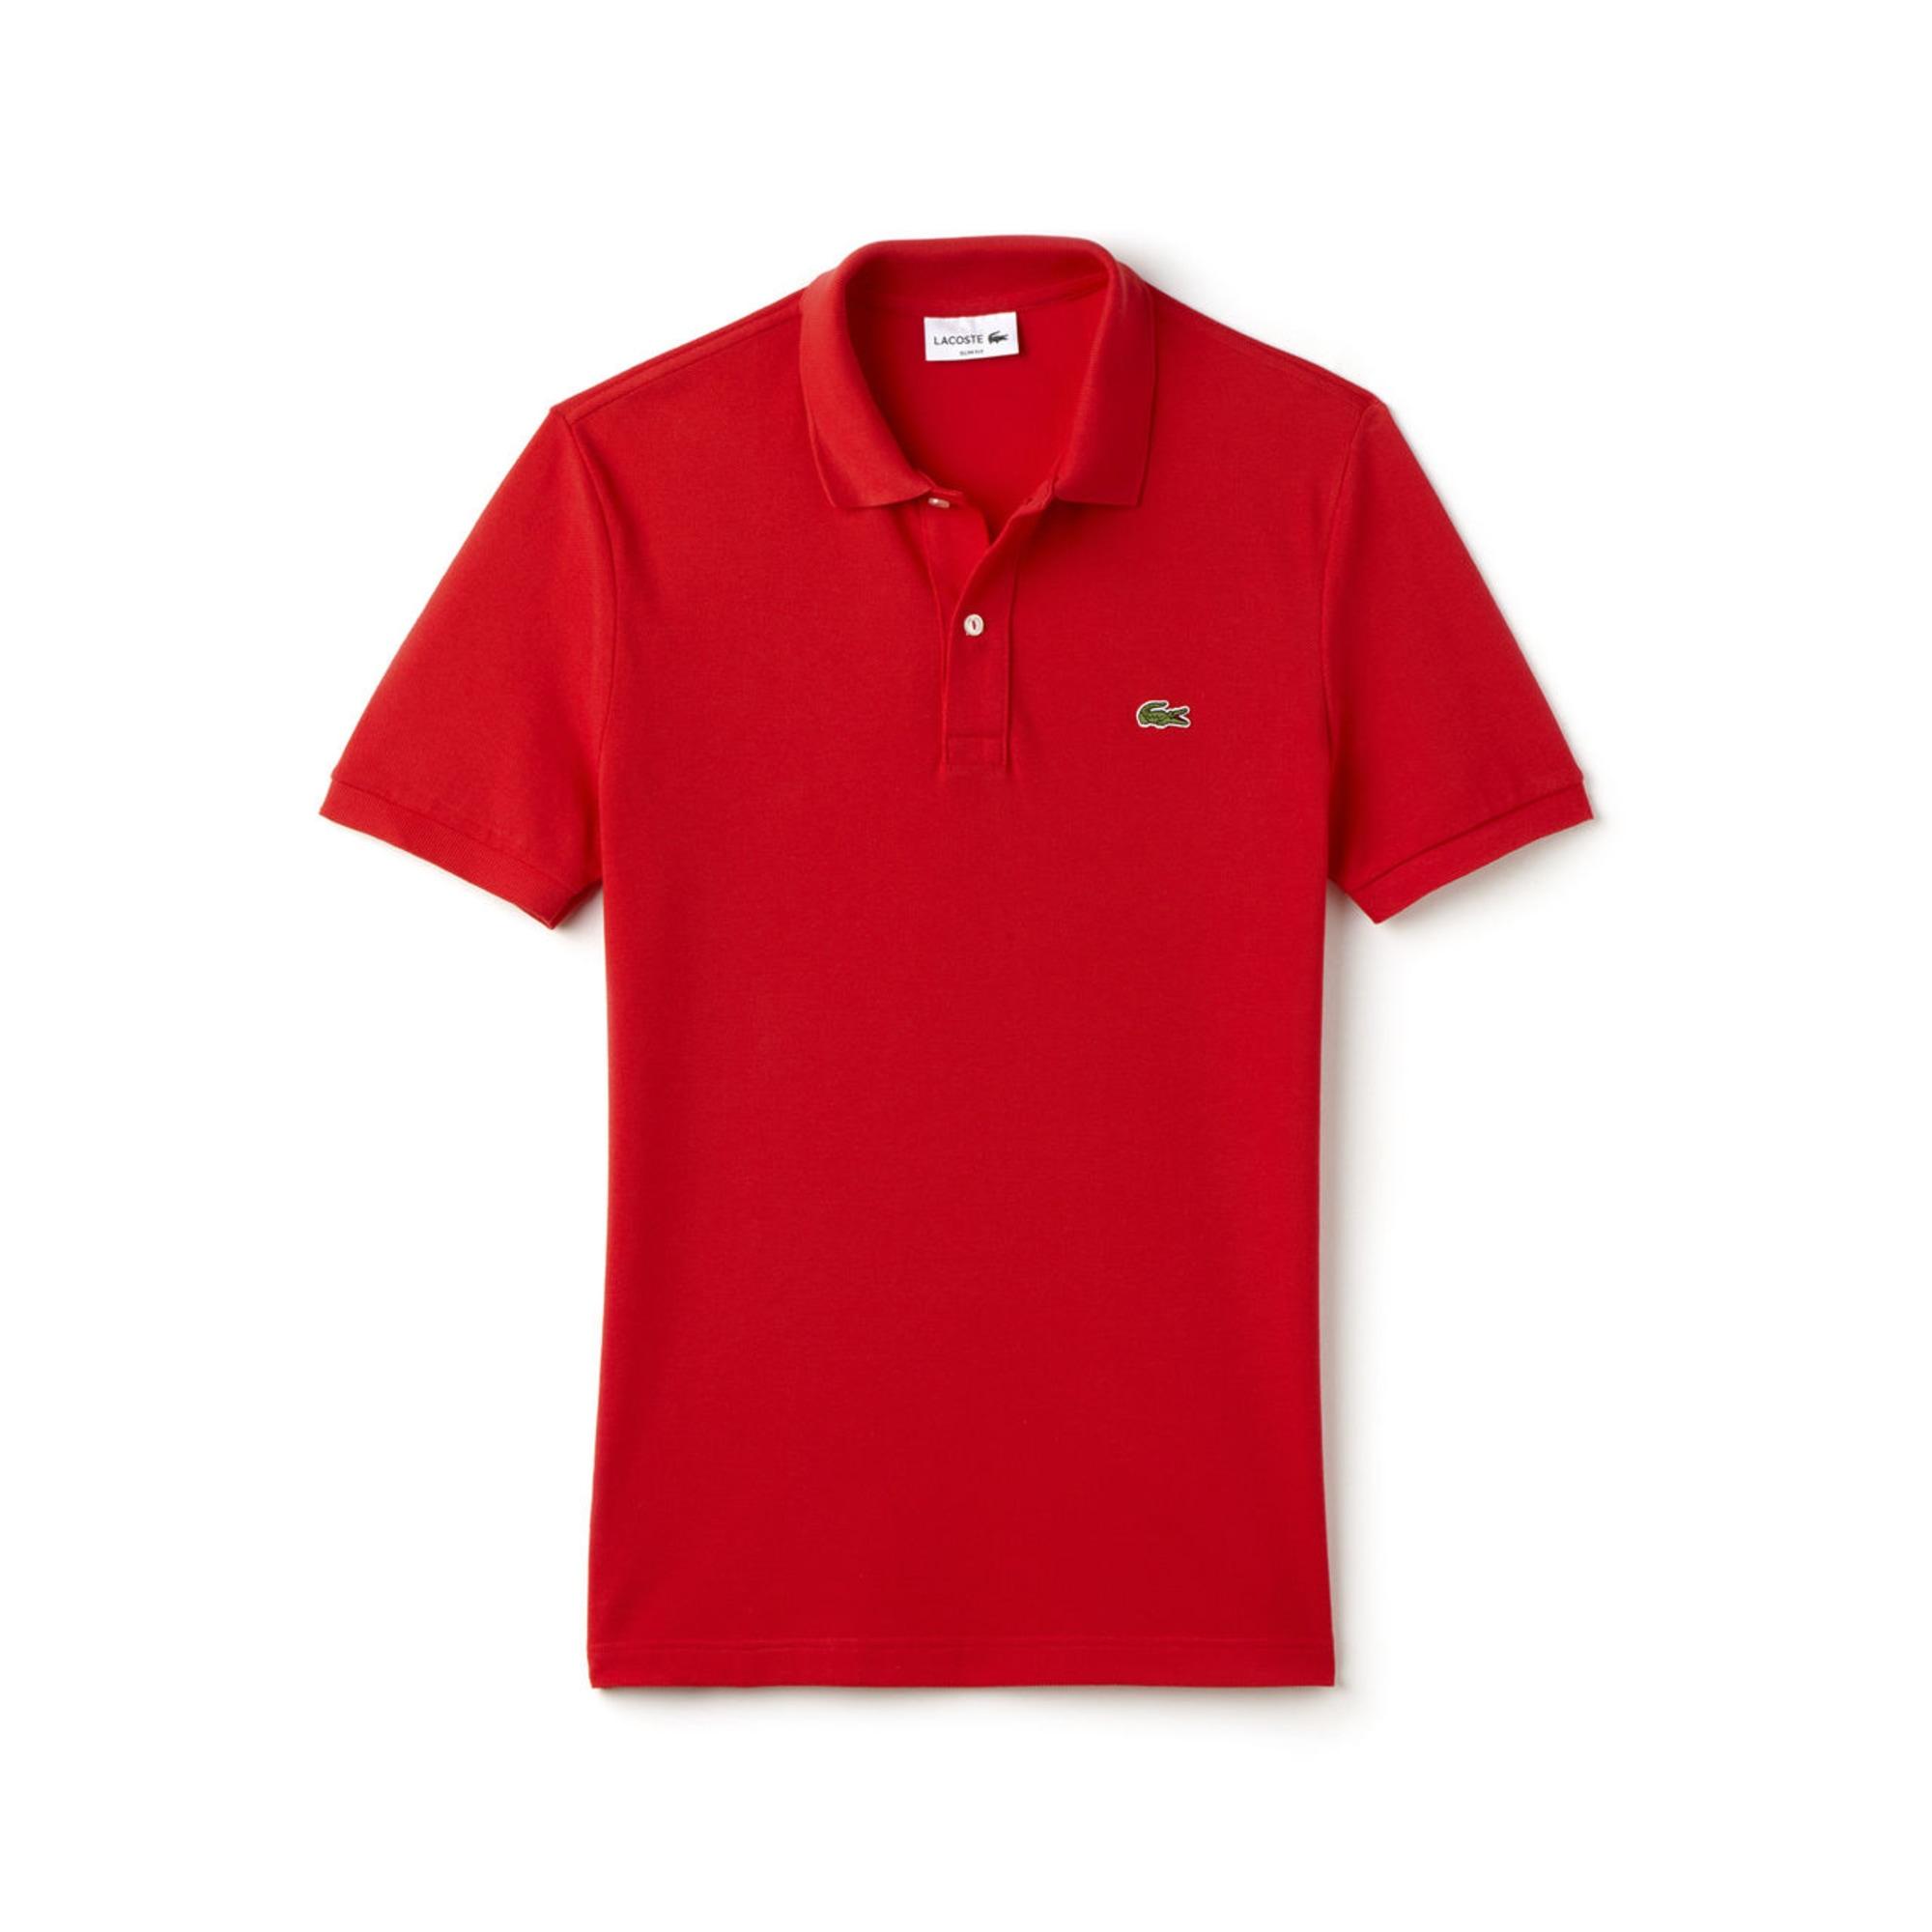 78b8d06b401 Polo LACOSTE 1 (S) rouge vendu par Jon2paris - 6424243